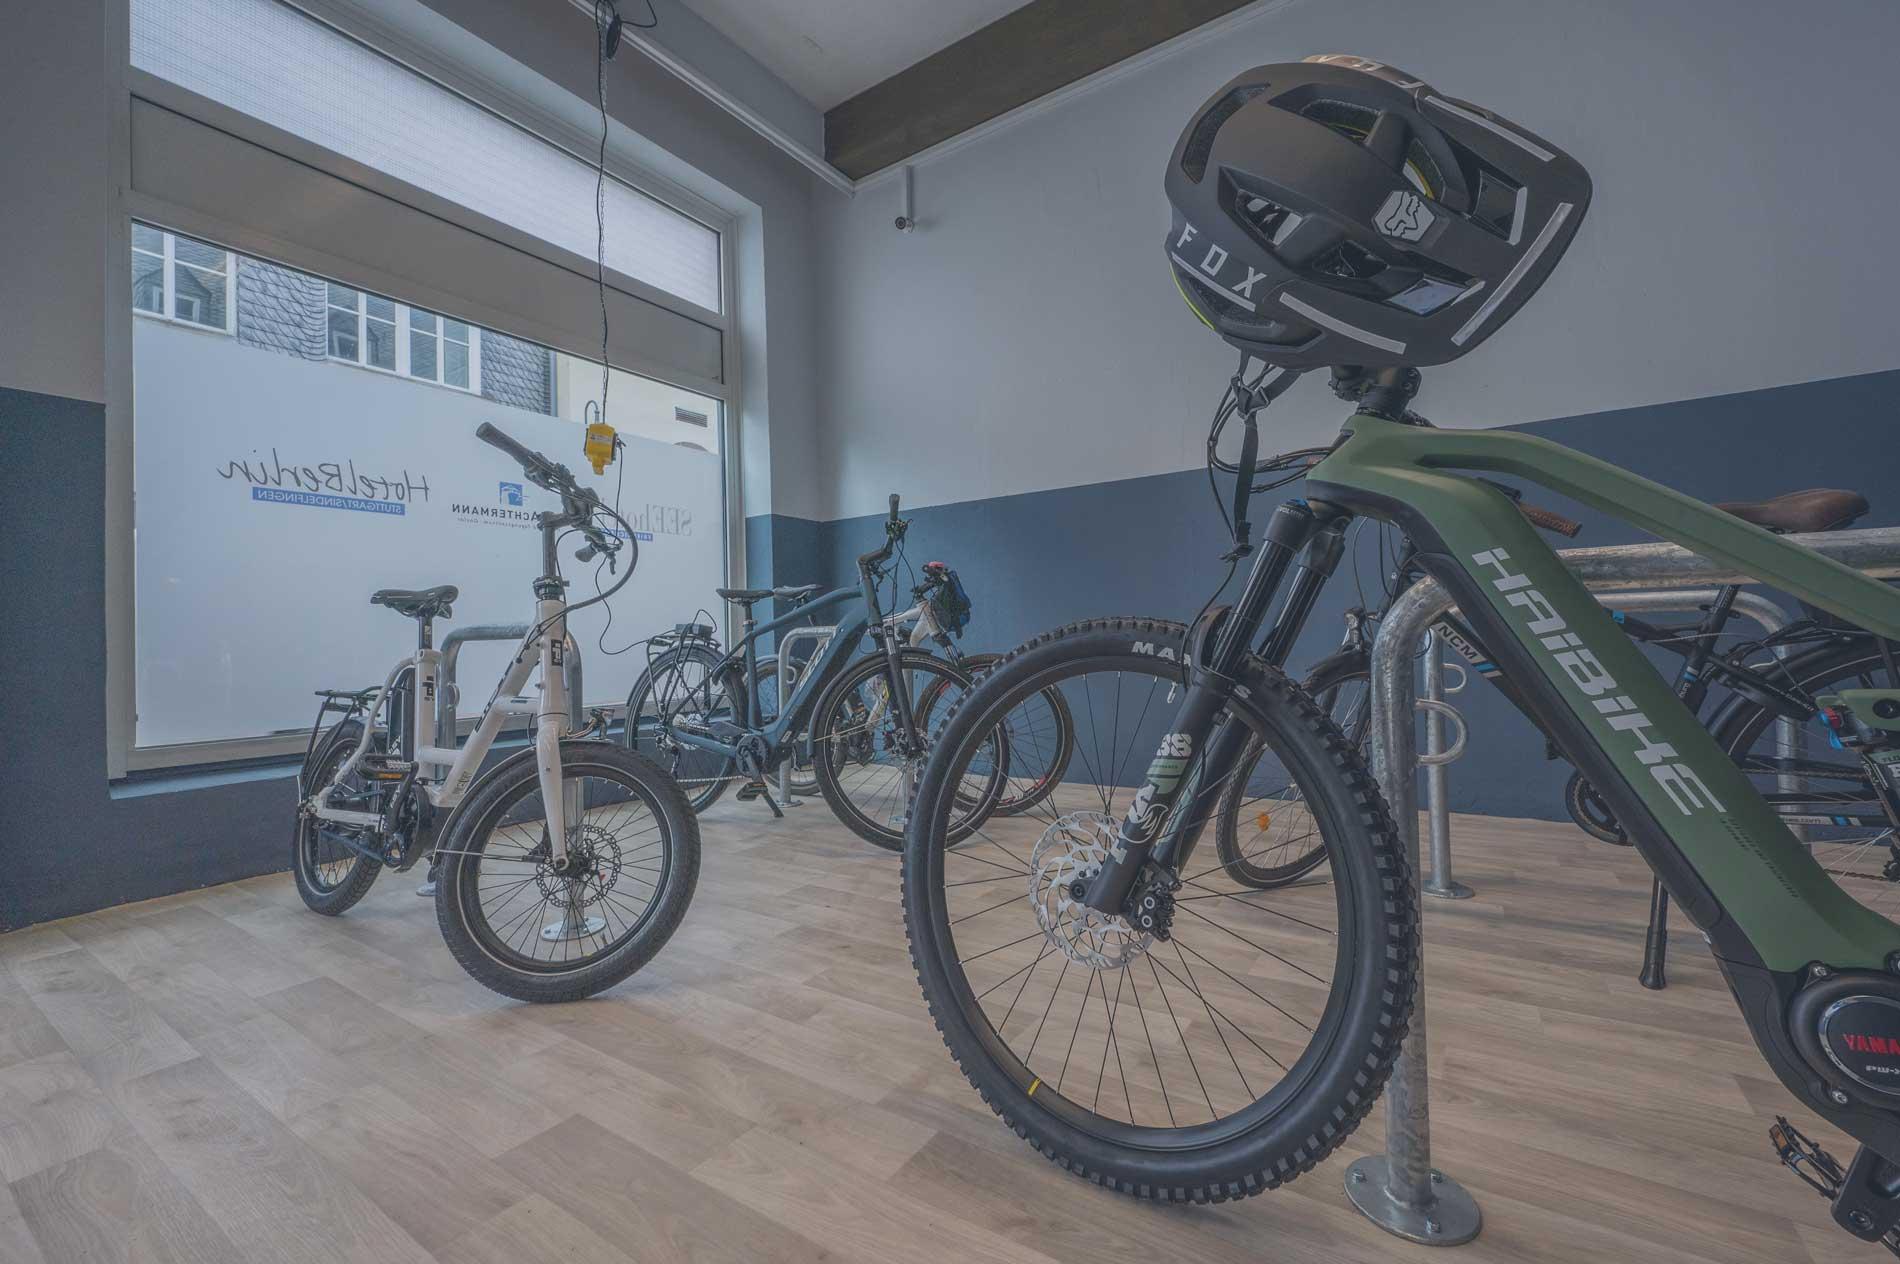 Fahrradraum_Achtermann_web_revslider